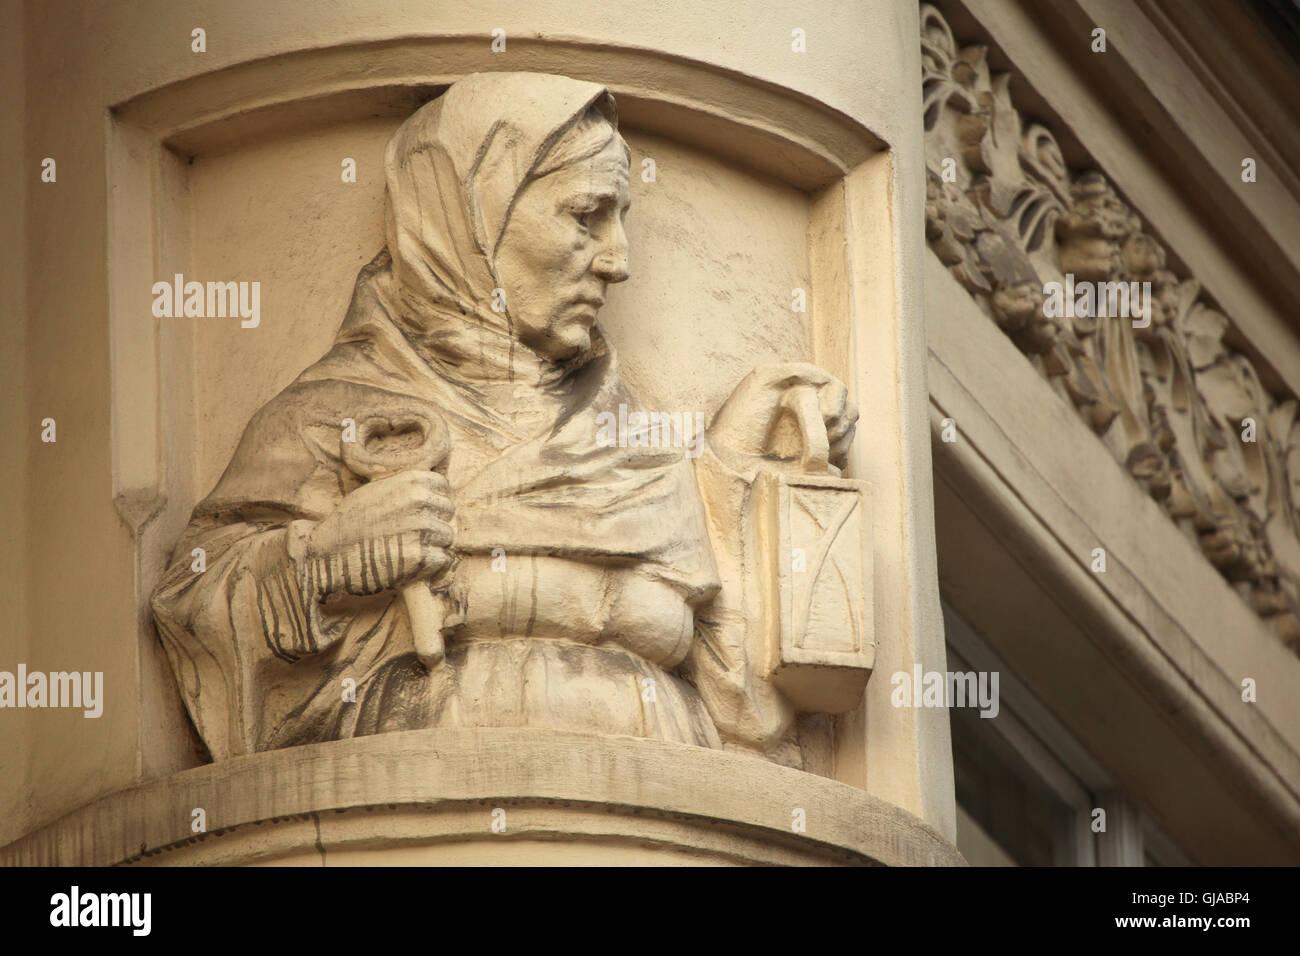 Art Nouveau Sculpture Woman On Stock Photos & Art Nouveau Sculpture ...